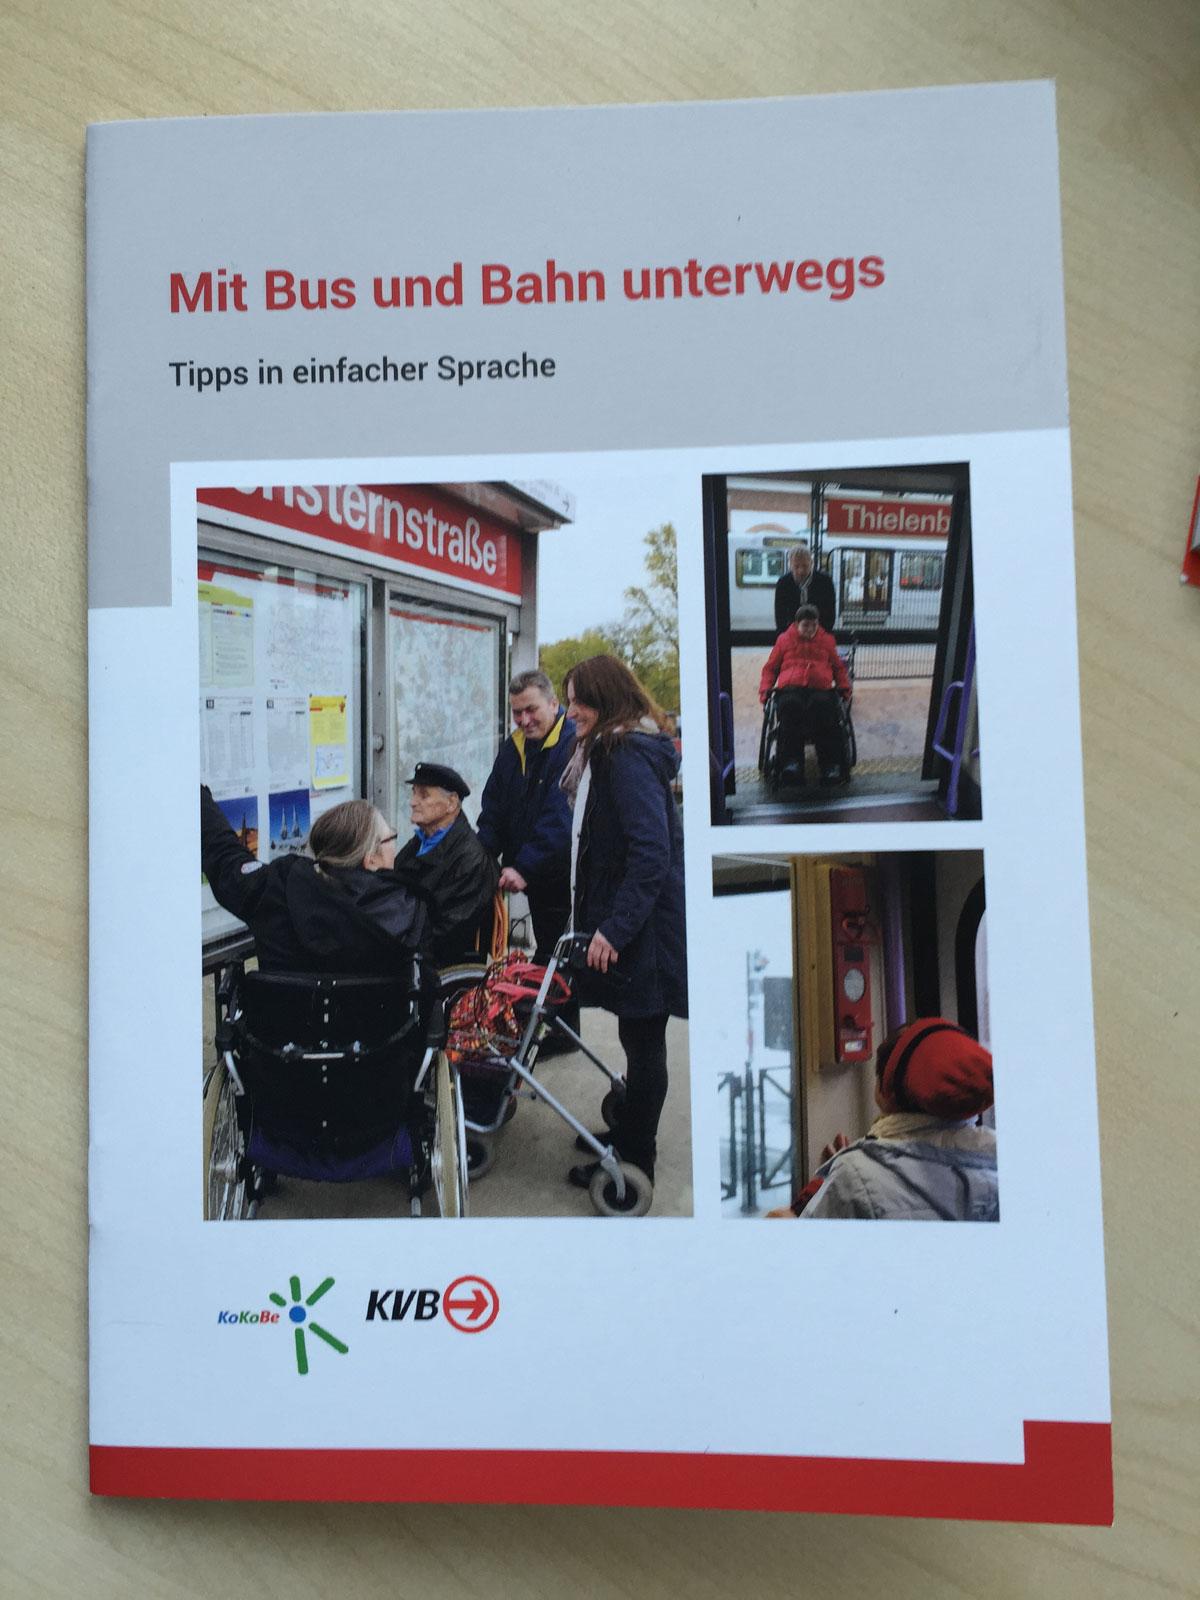 Die neue Broschüre der KVB ist kostenlos und soll weite Verbreitung finden.